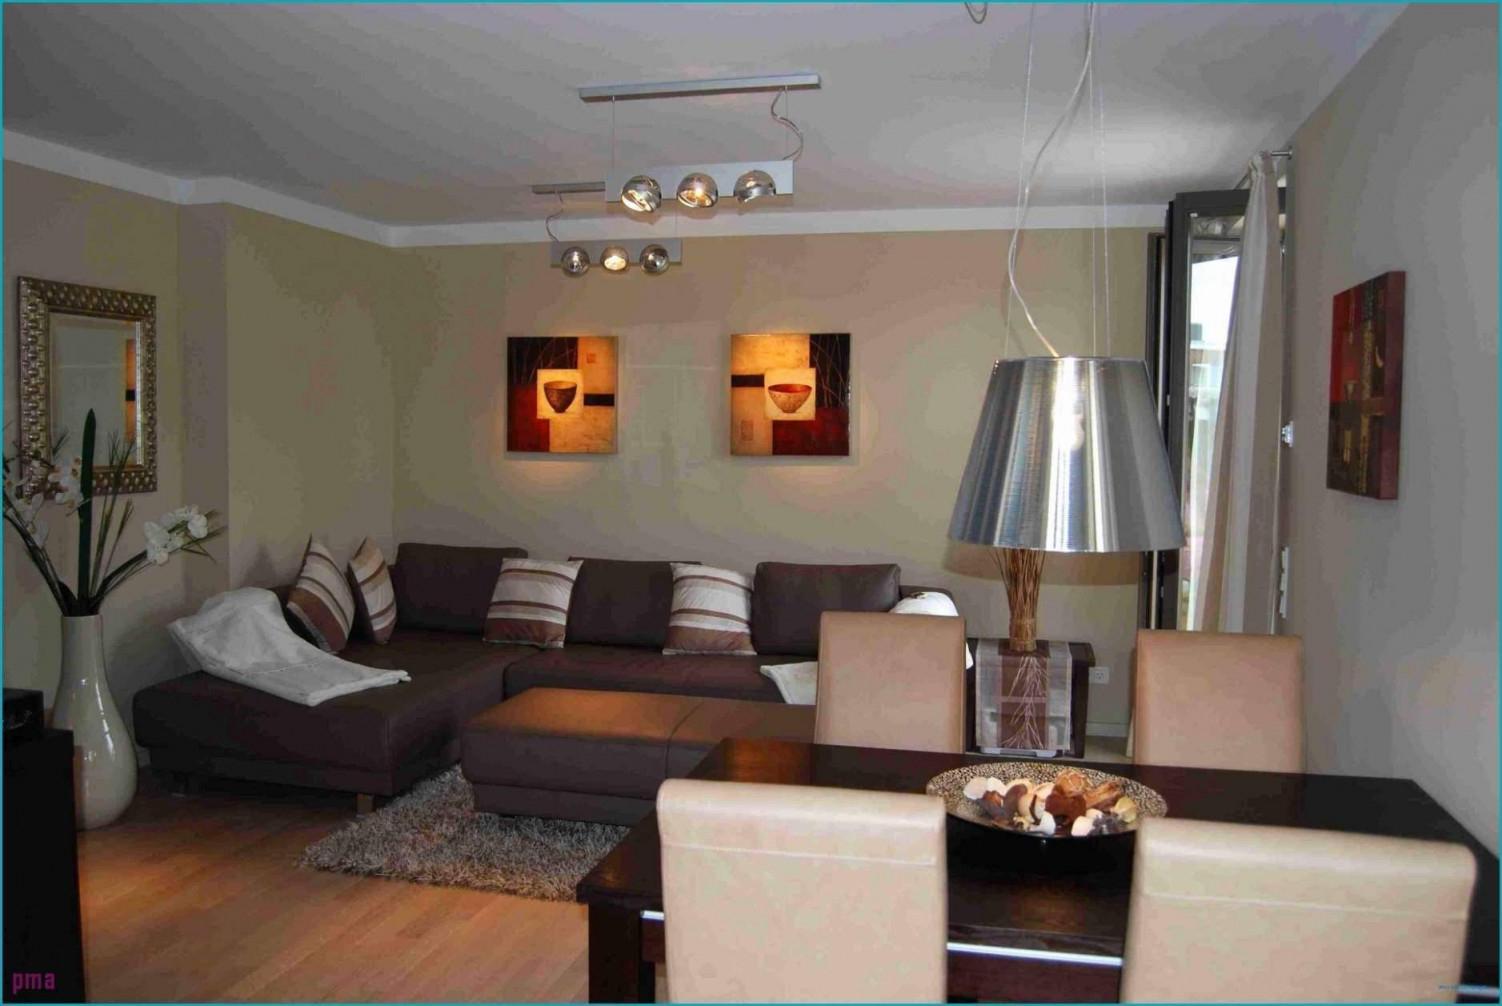 Wohnzimmer Vorhänge Ideen Genial Vorhänge Für Wohnzimmer von Bilder Zum Aufhängen Im Wohnzimmer Bild